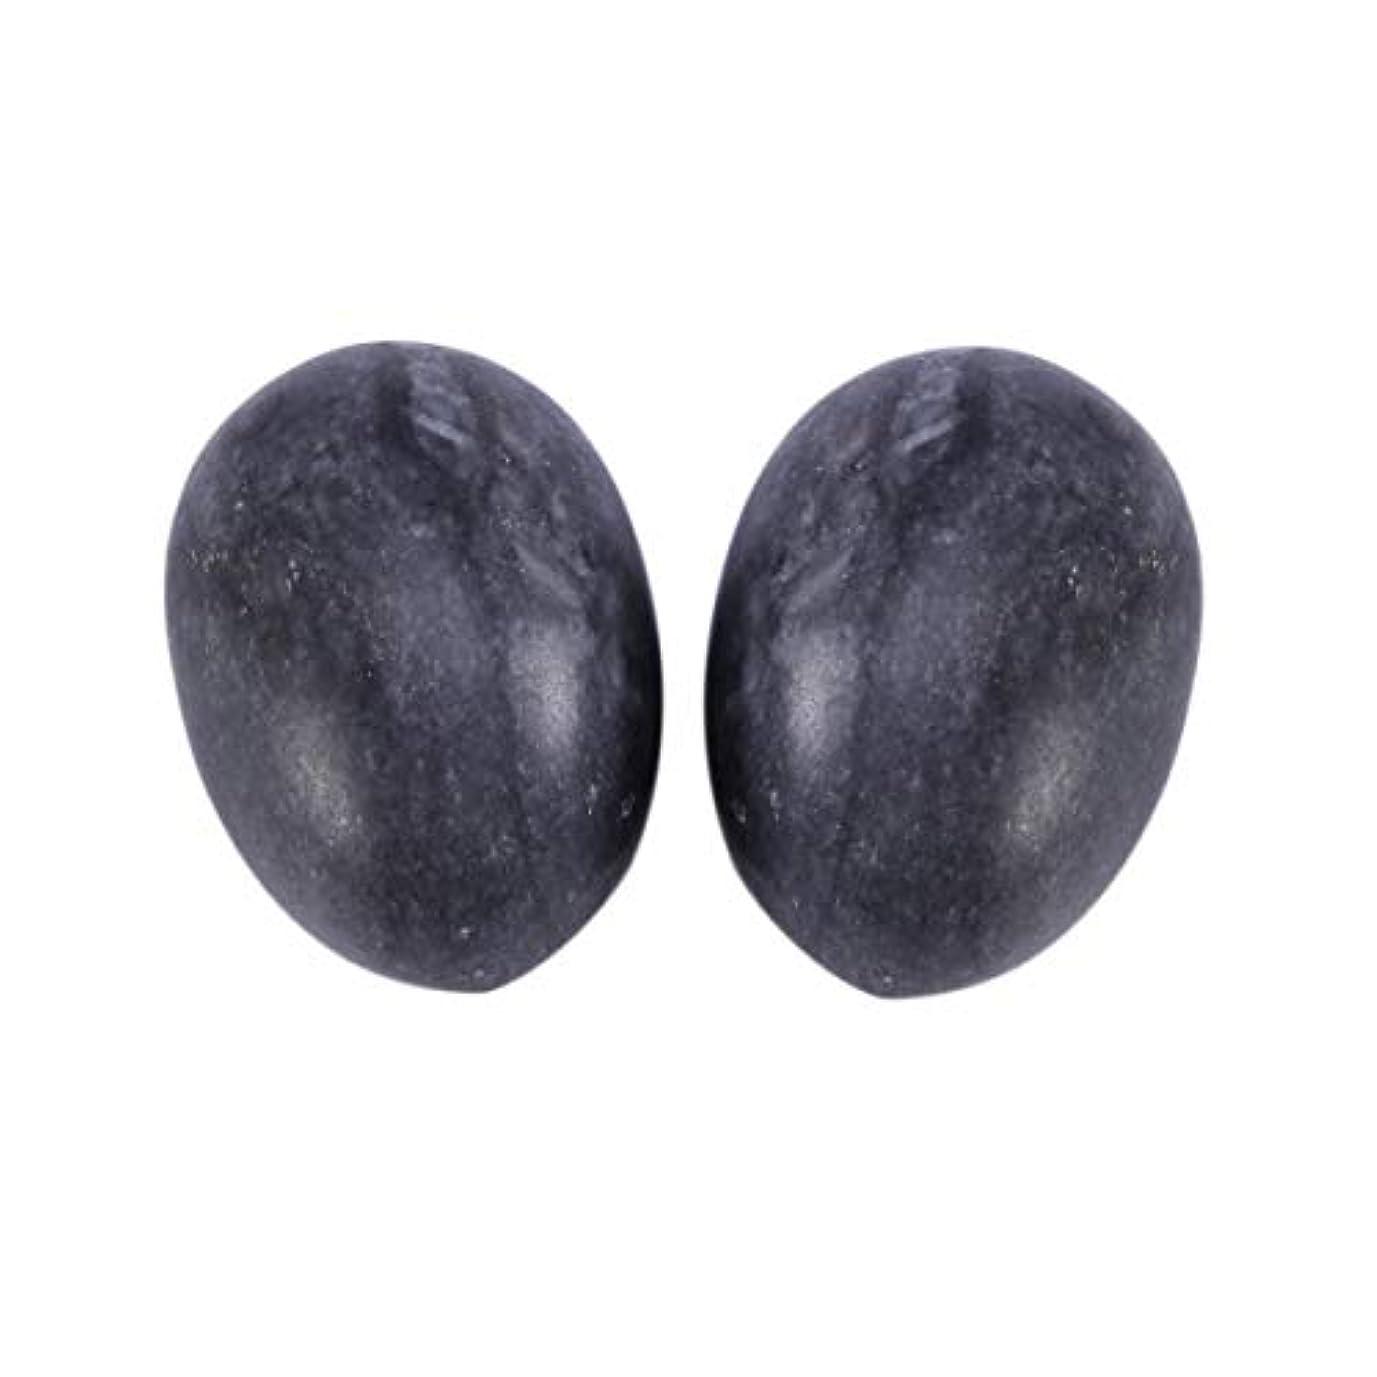 動アプローチ宿題をするHealifty 6PCS翡翠Yoni卵マッサージ癒しの石のケゲル運動骨盤底筋運動(黒)